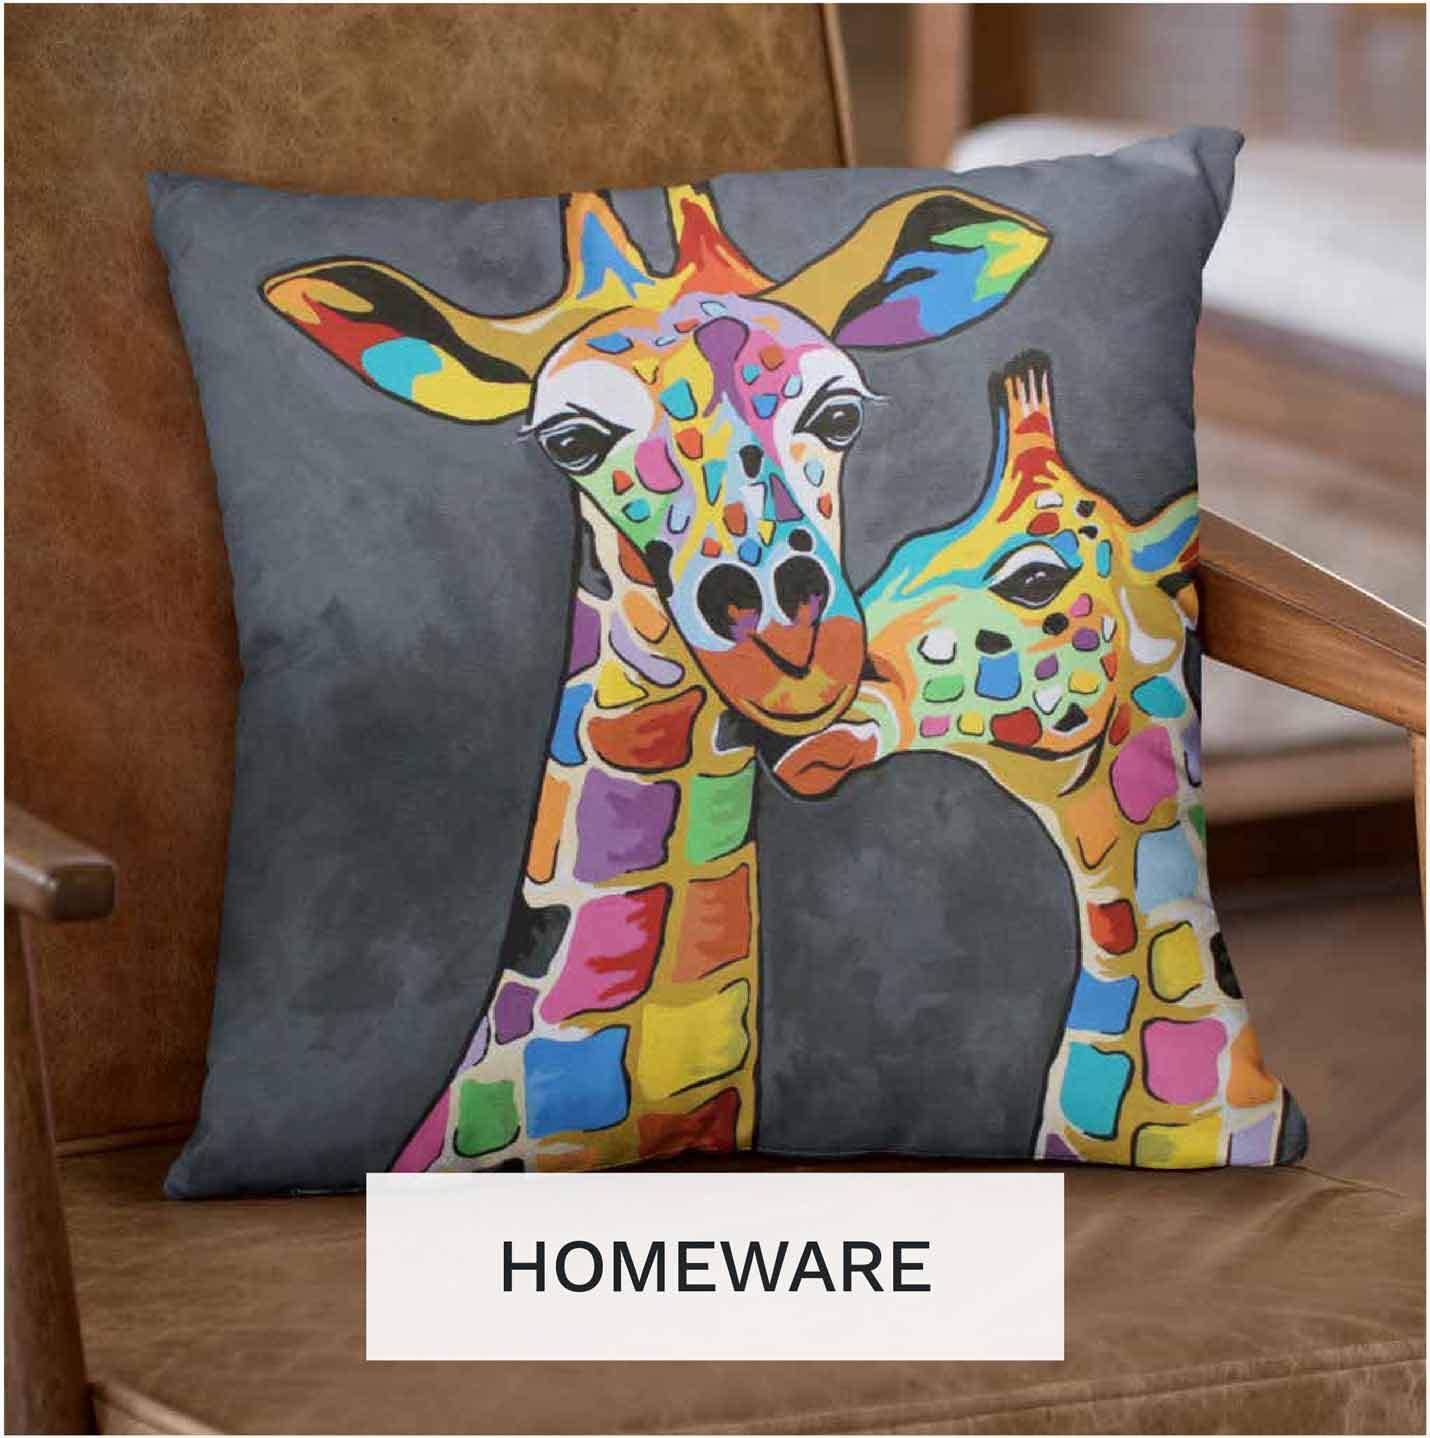 Homeware by Scottish Artist Steven Brown